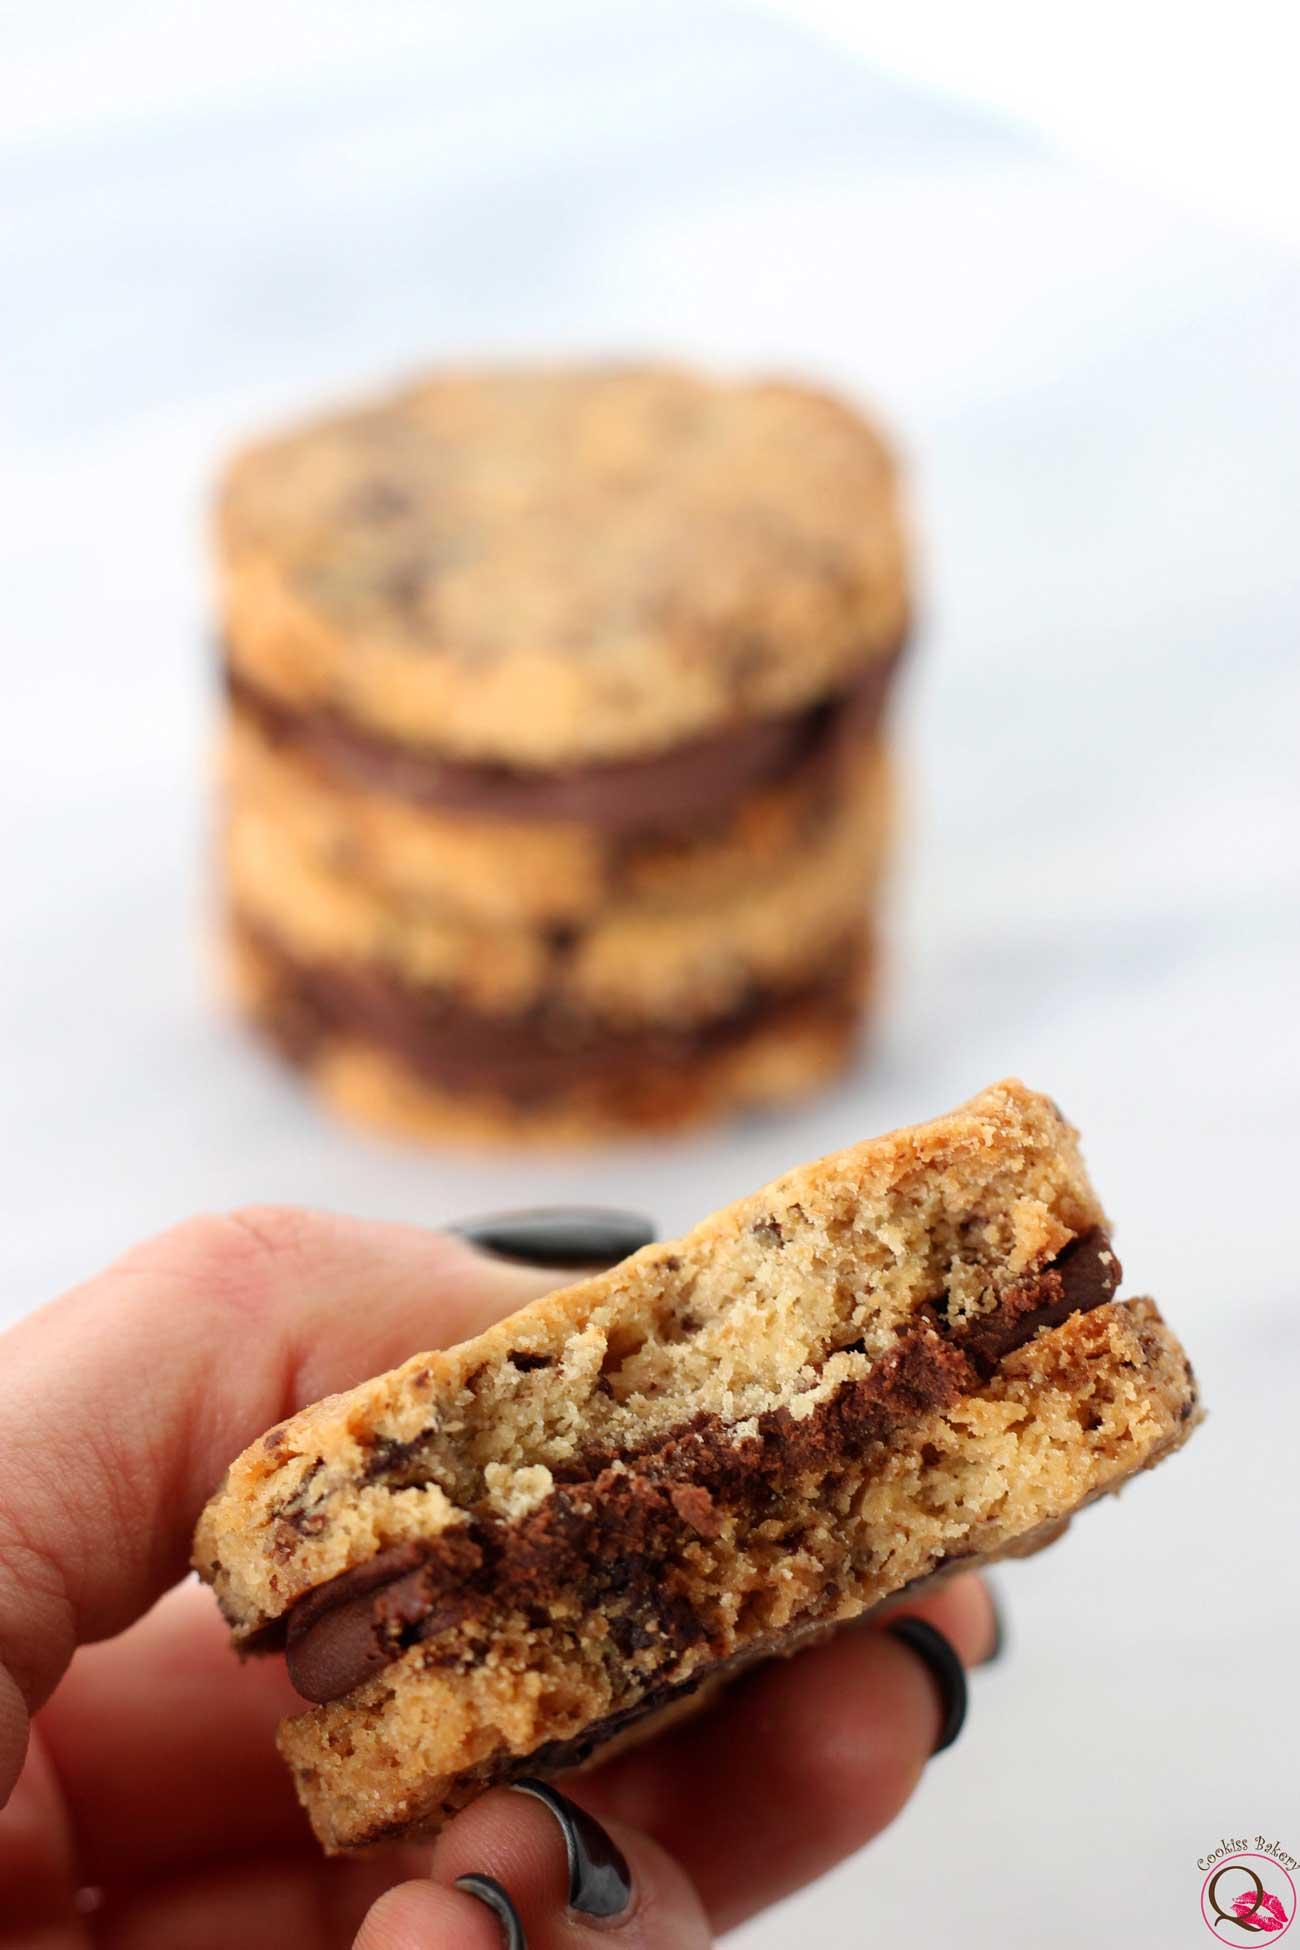 biscotto al burro con crema al cioccolato fondente morso